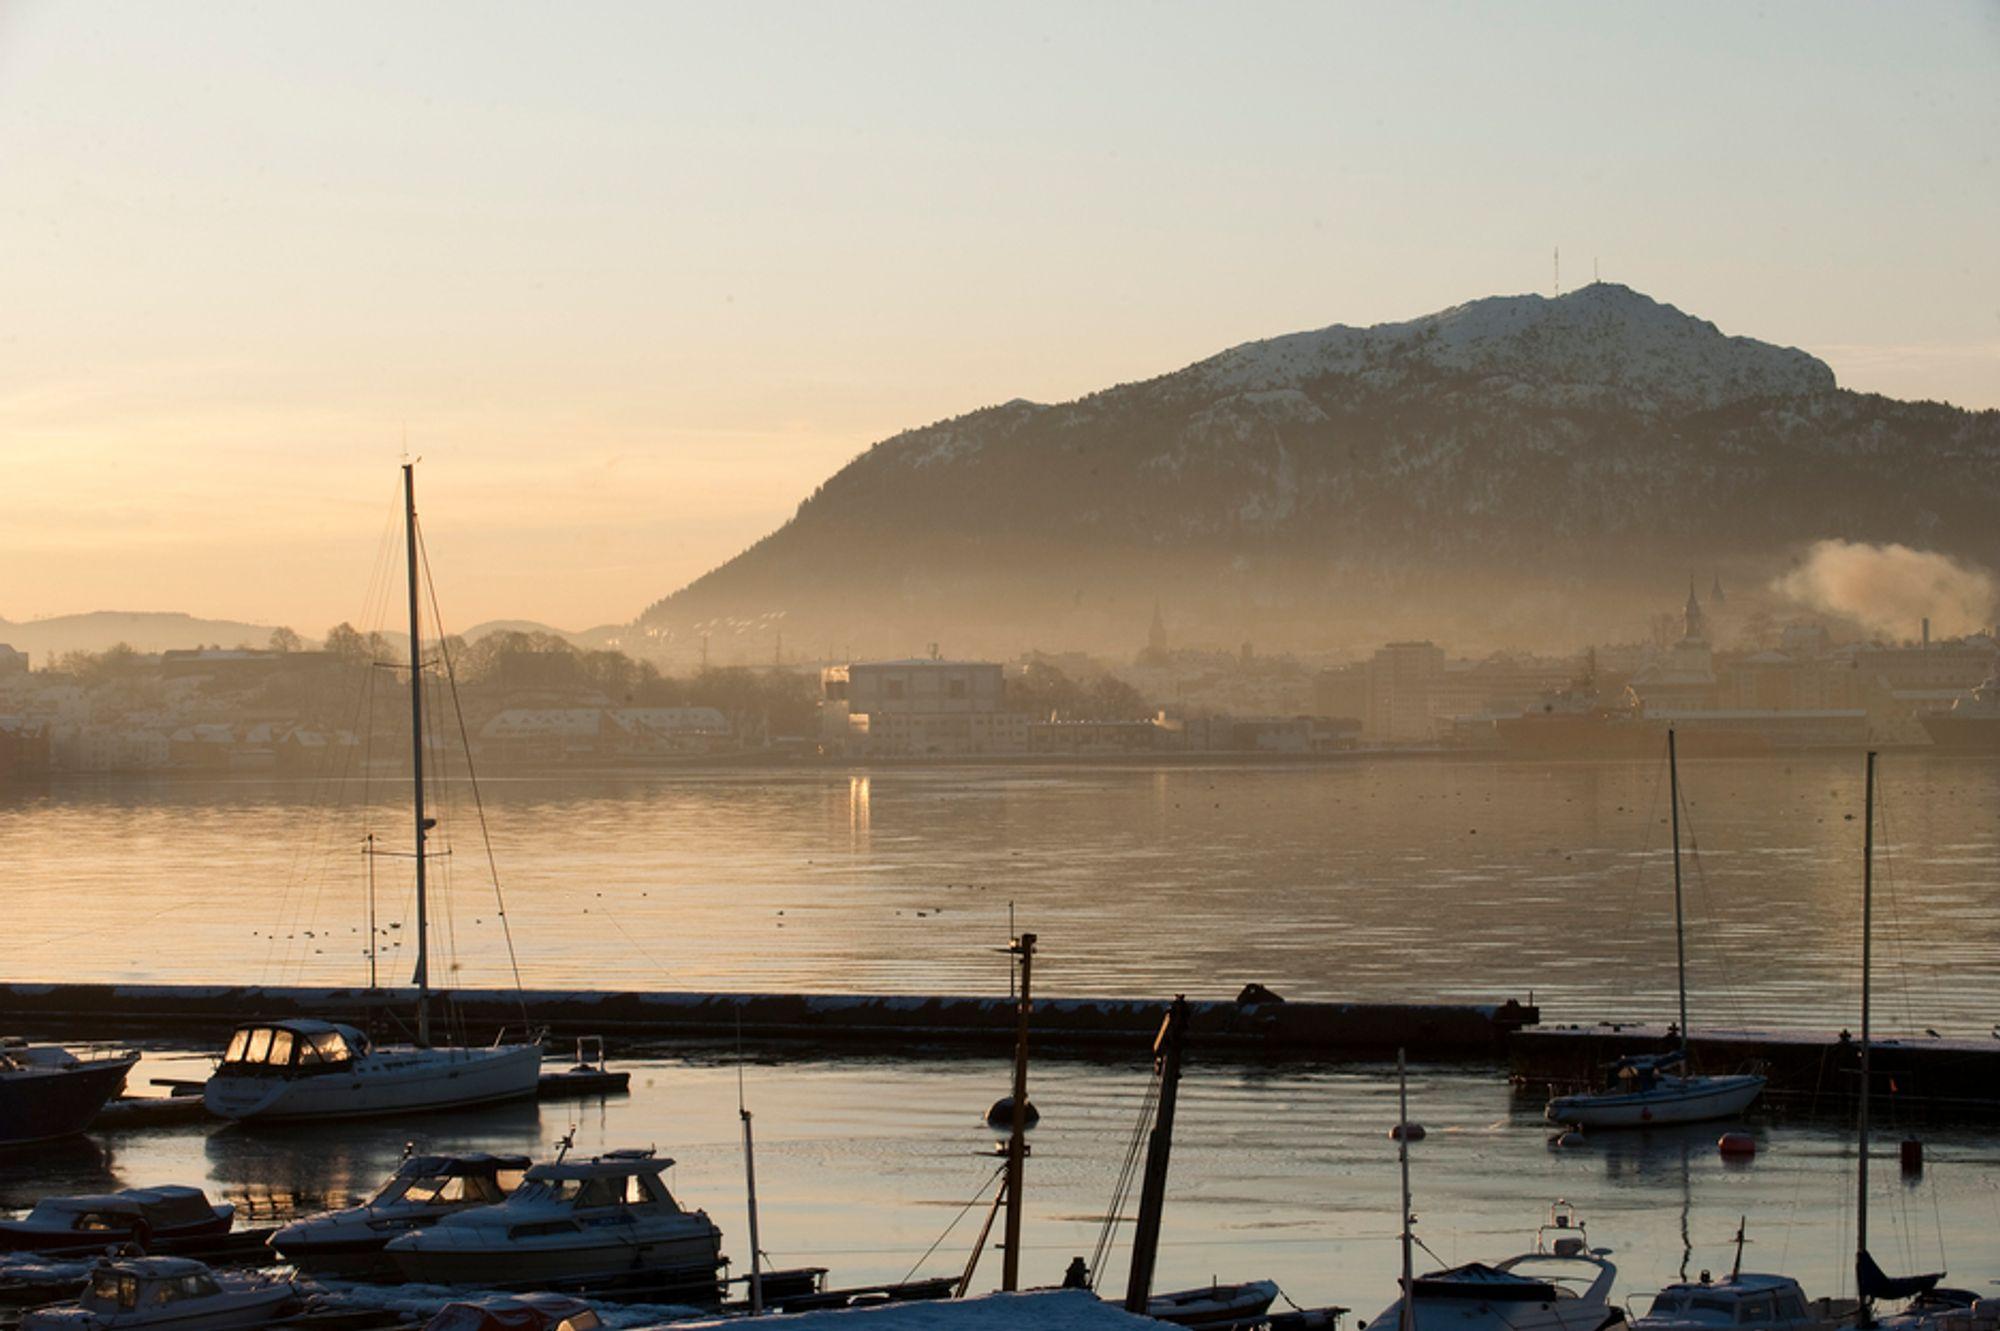 MÅ HANDLE: I fjor vinter ble det satt opp ekstra ekspressbusser, utvidet innfartsparkering og parkeringsrestriksjoner i Bergen sentrum. I dag vurderer kommuneledelsen på nytt nye tiltak mot høy luftforurensning.